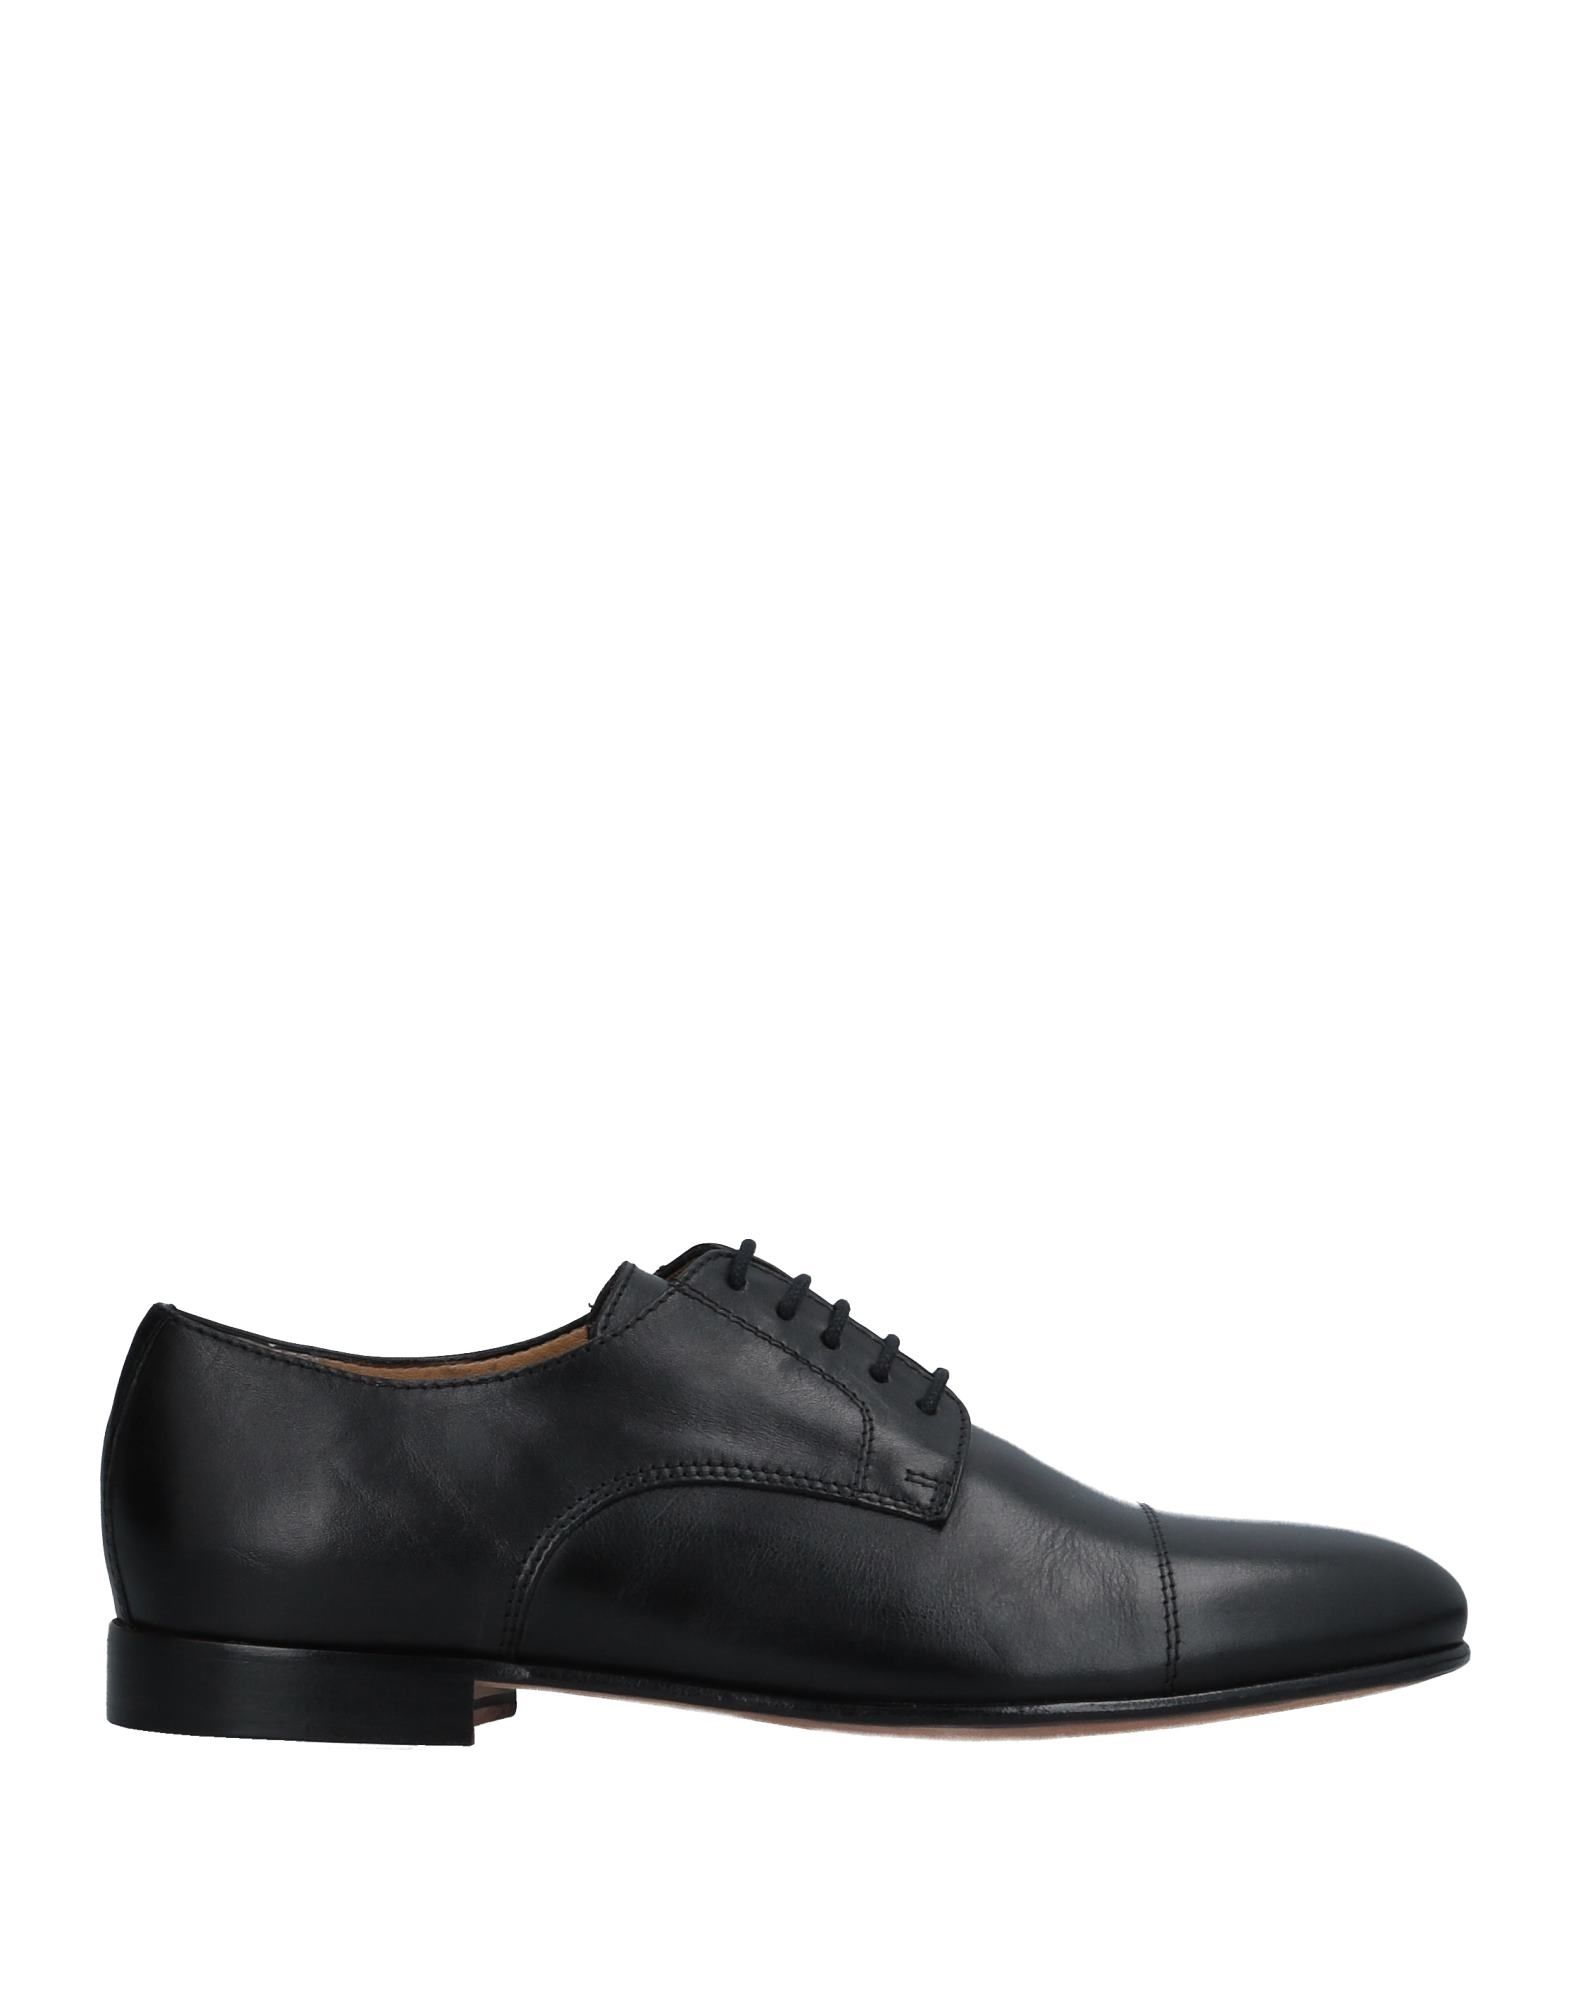 Rabatt echte Schuhe Wexford Schnürschuhe Herren  11508007UU